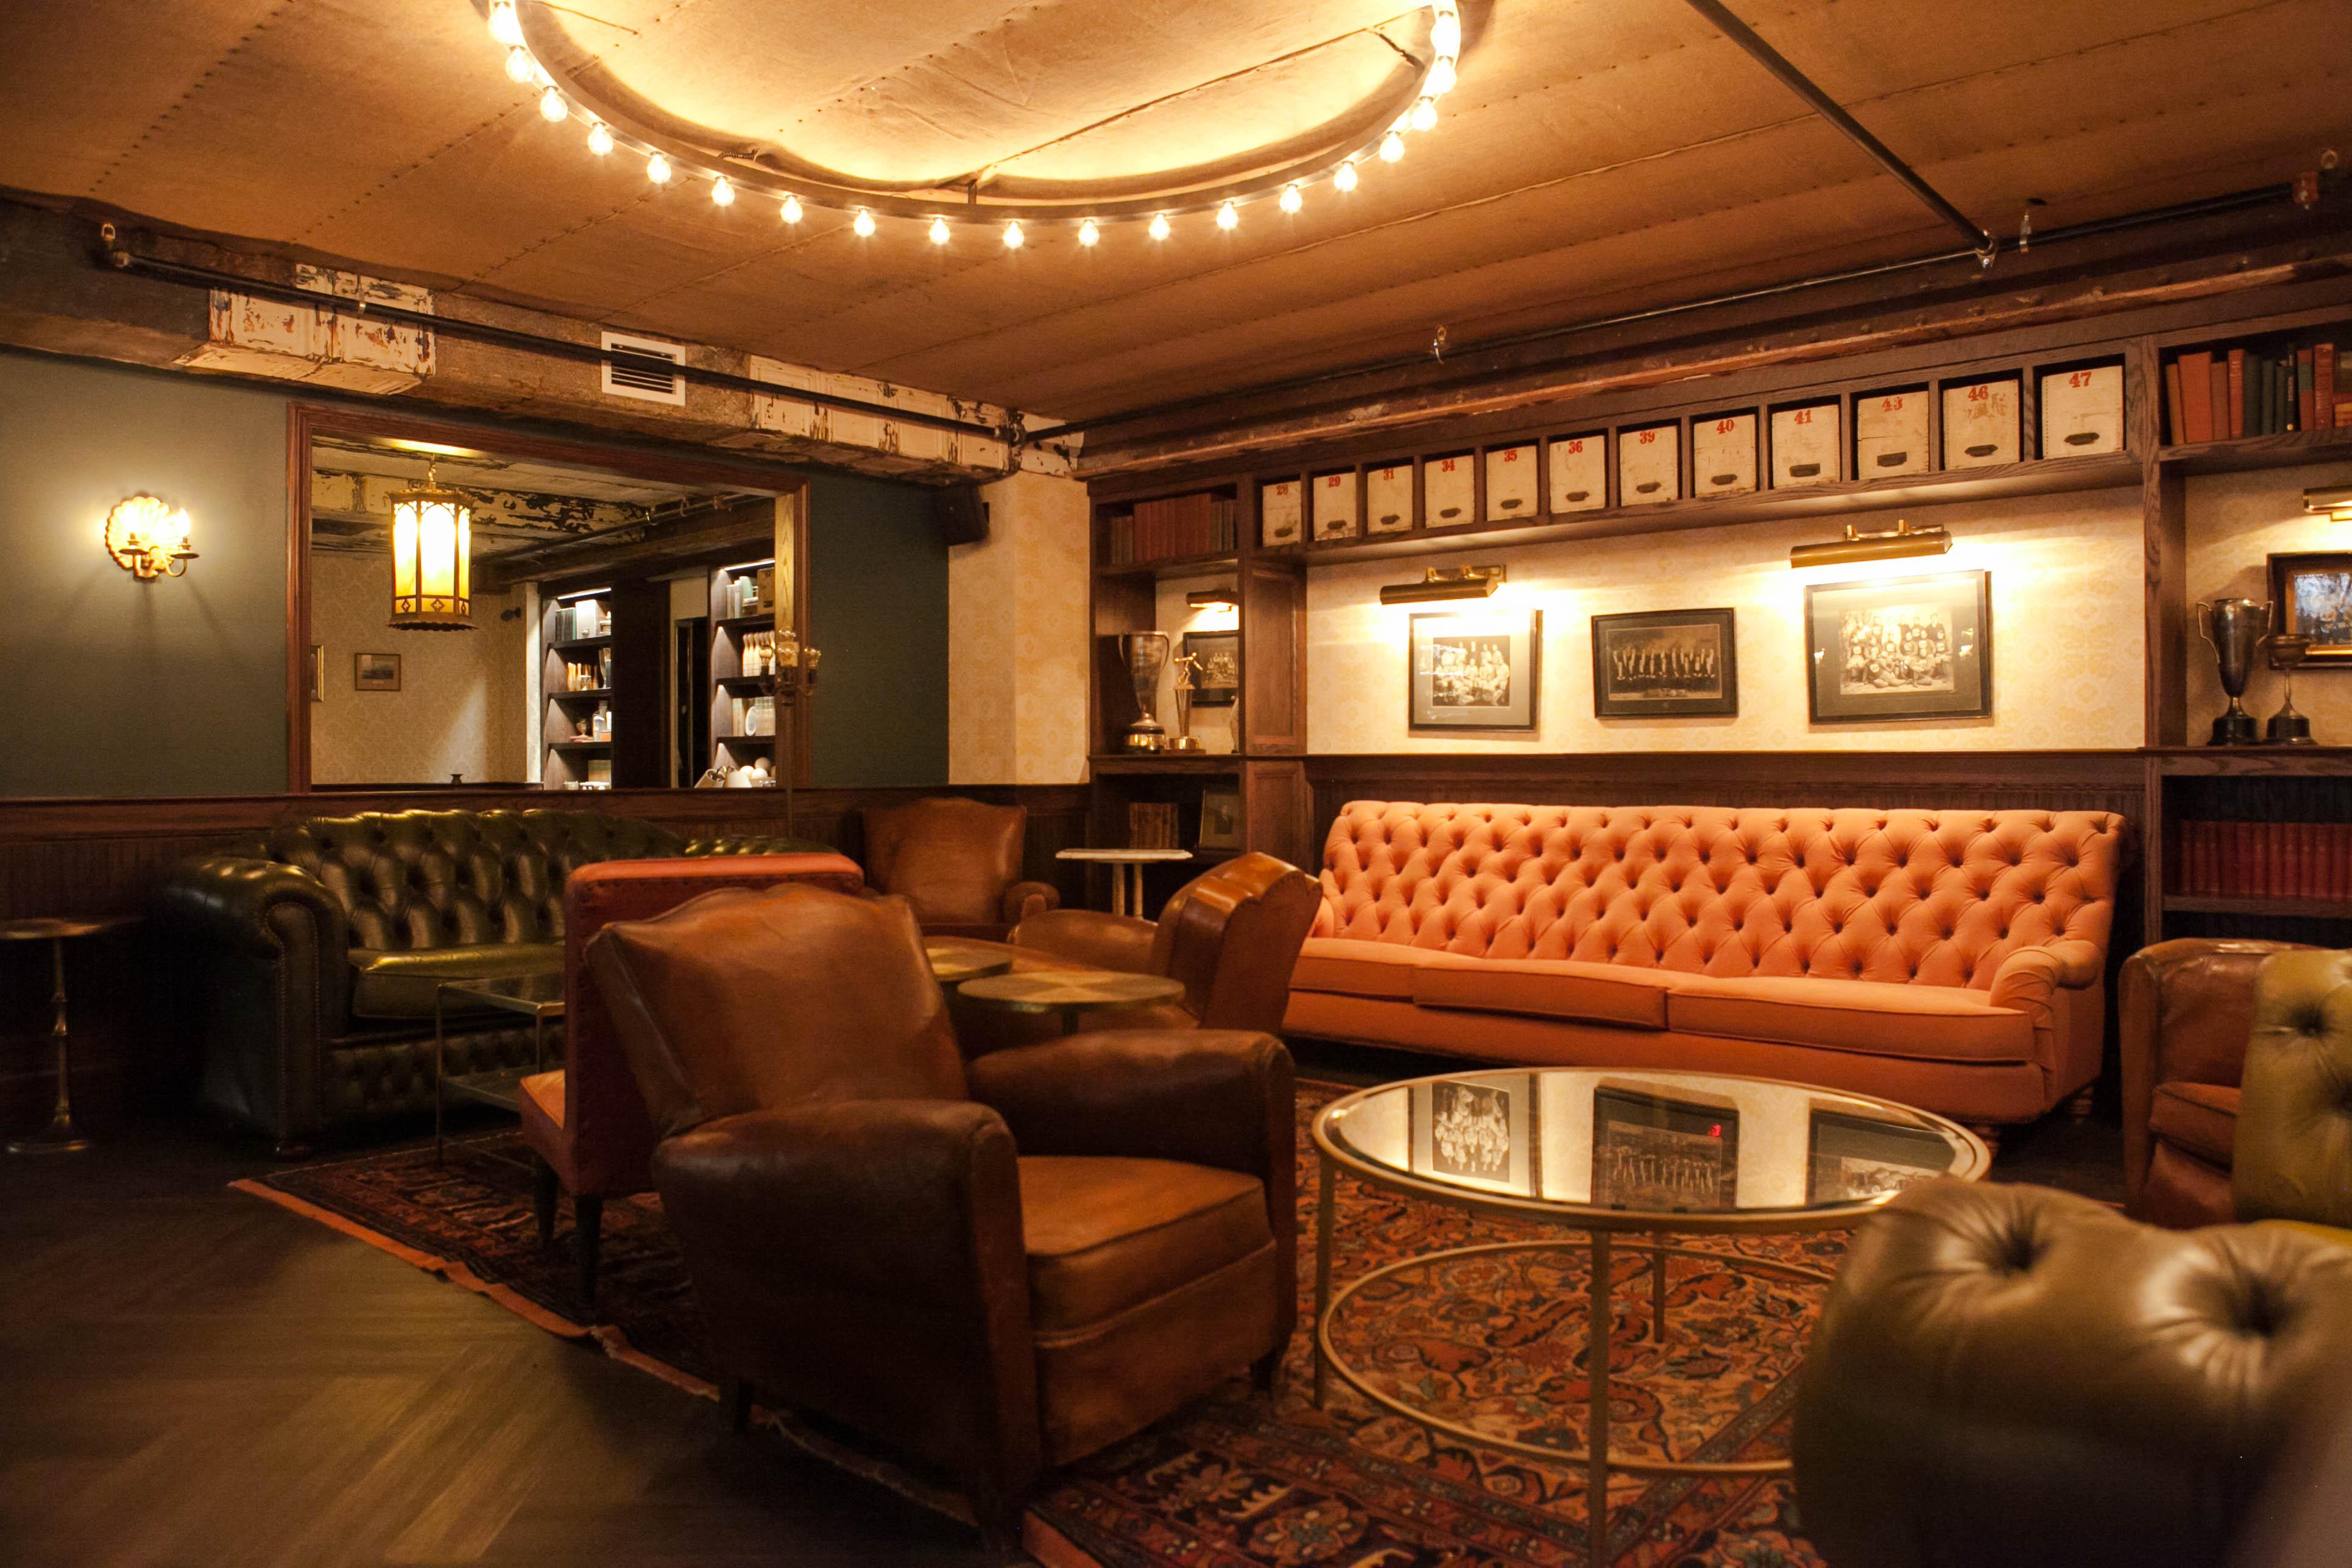 Center Citys Harp Amp Crown Is Downright Restaurant Eye